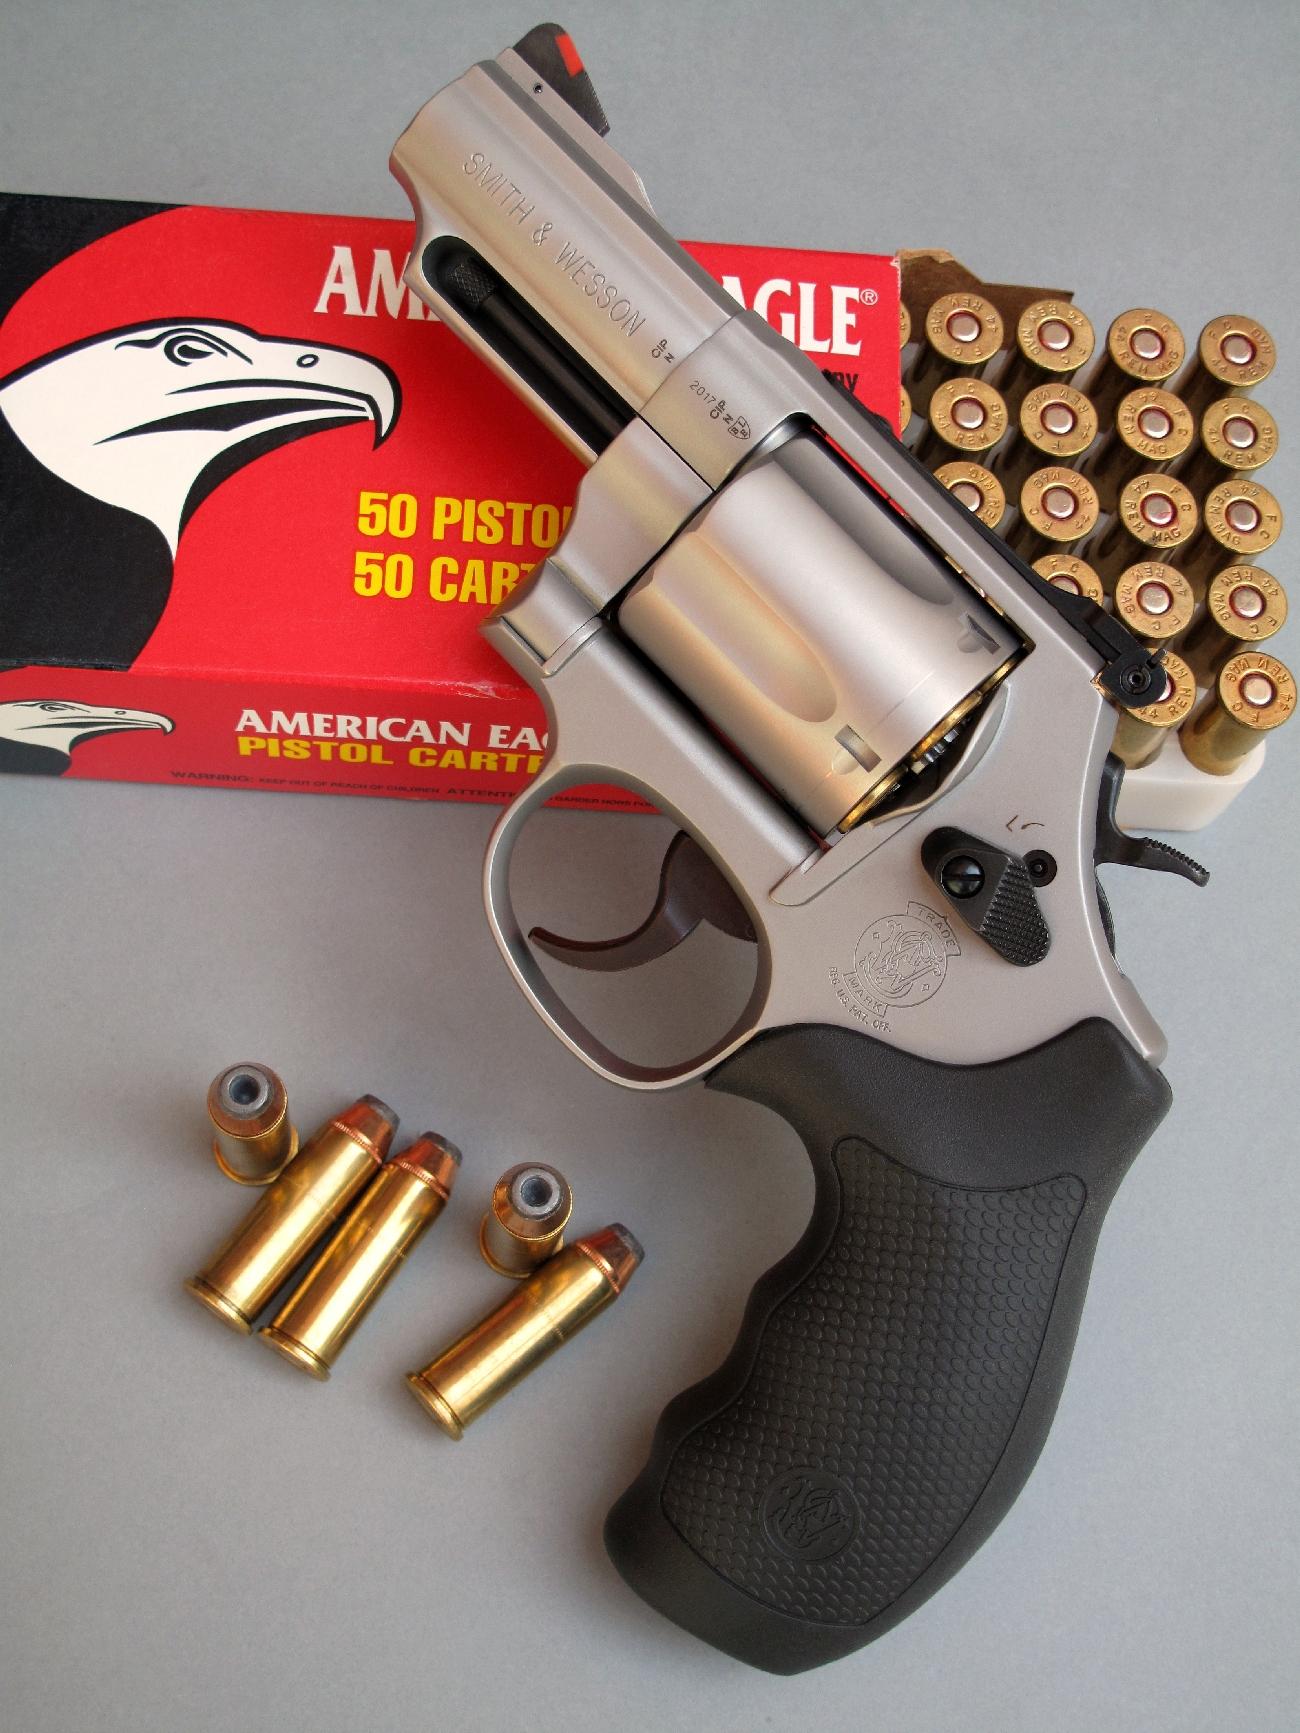 Le S&W modèle 69 est un revolver de défense à canon très court chambré pour le puissant calibre .44 Magnum.